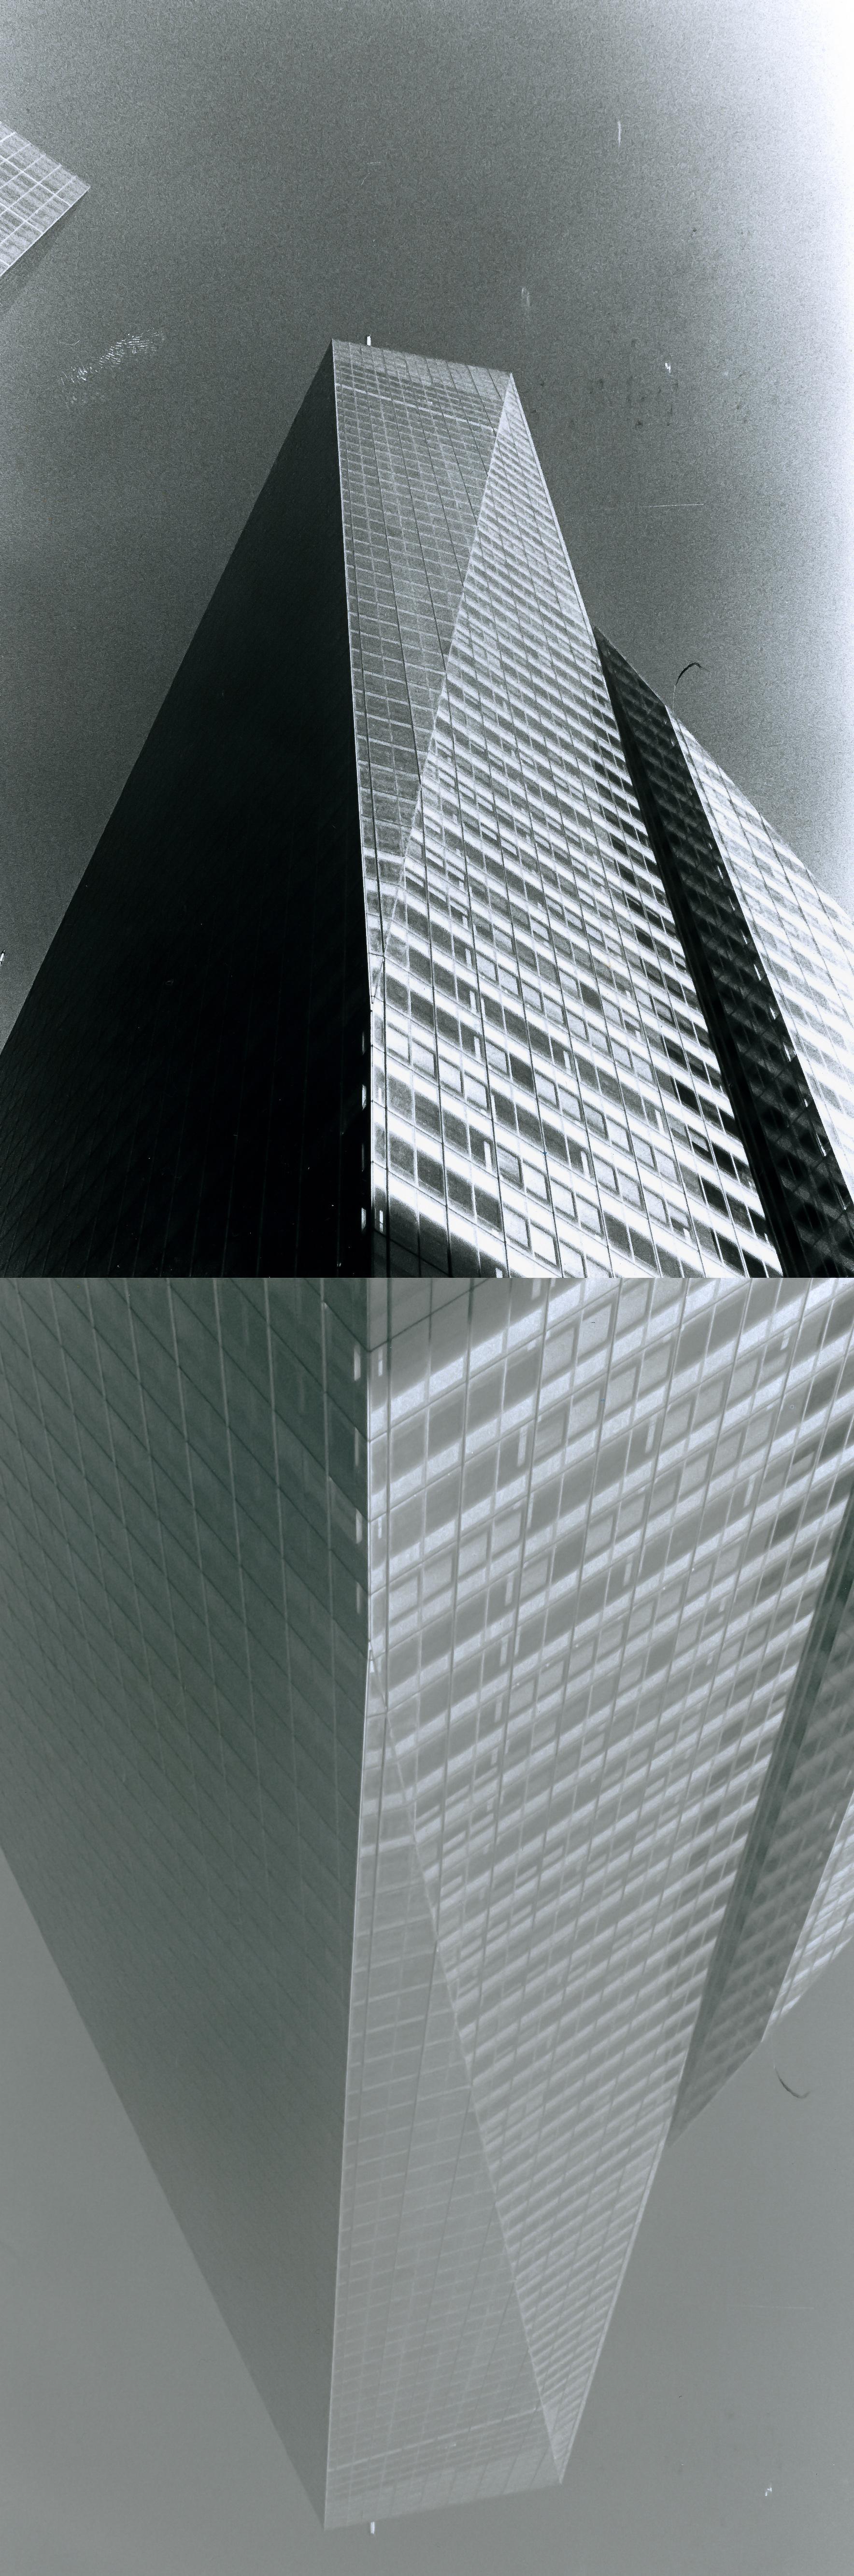 2012-11-18 18-33-01.jpg